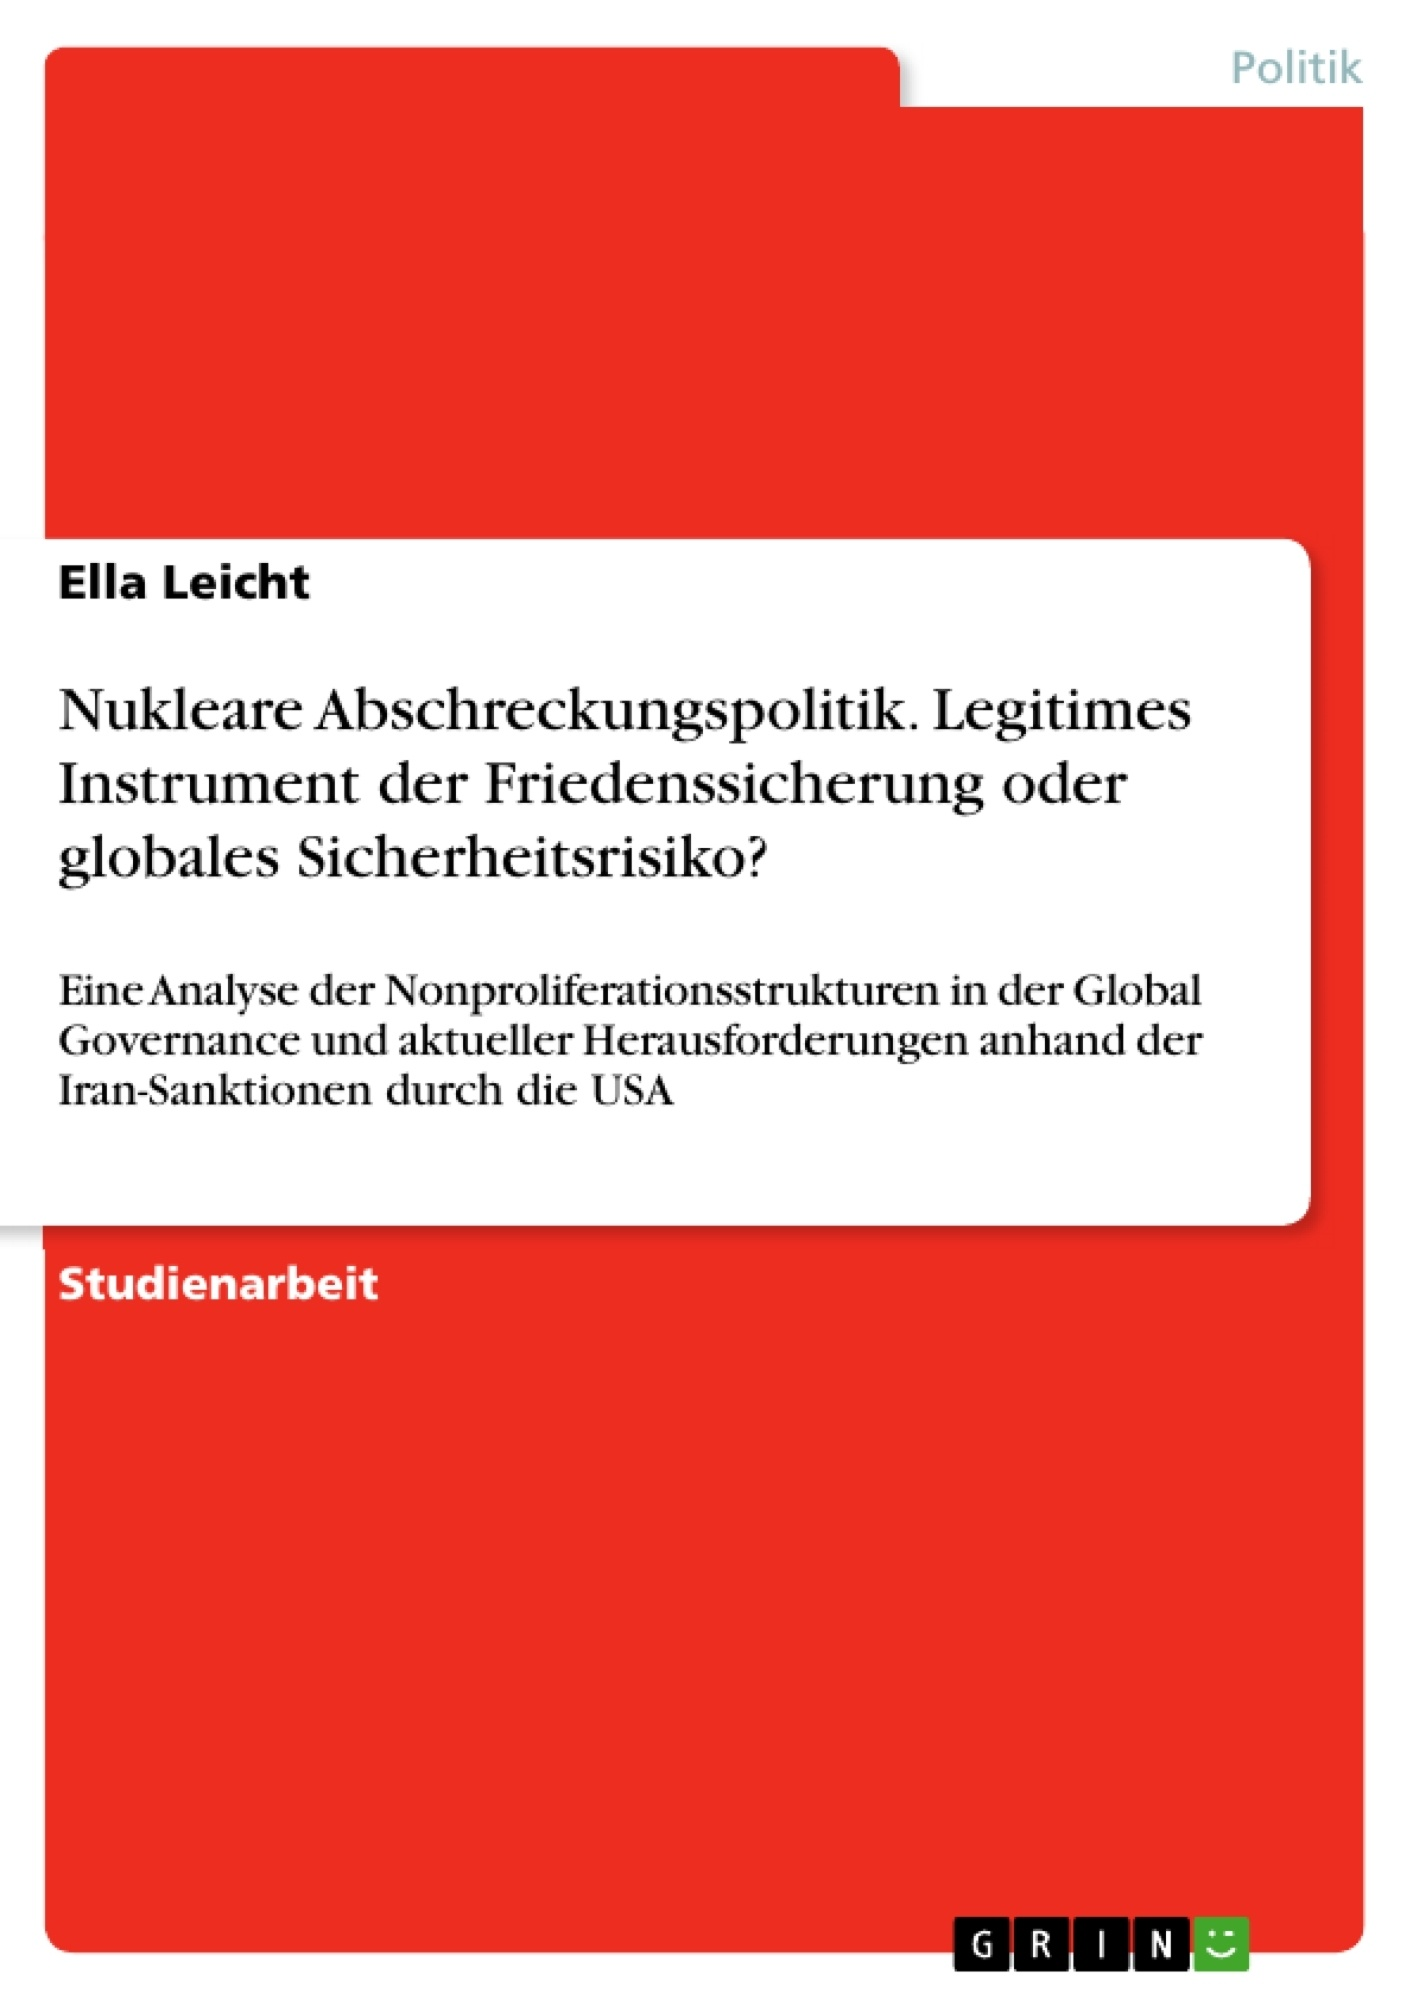 Titel: Nukleare Abschreckungspolitik. Legitimes Instrument der Friedenssicherung oder globales Sicherheitsrisiko?